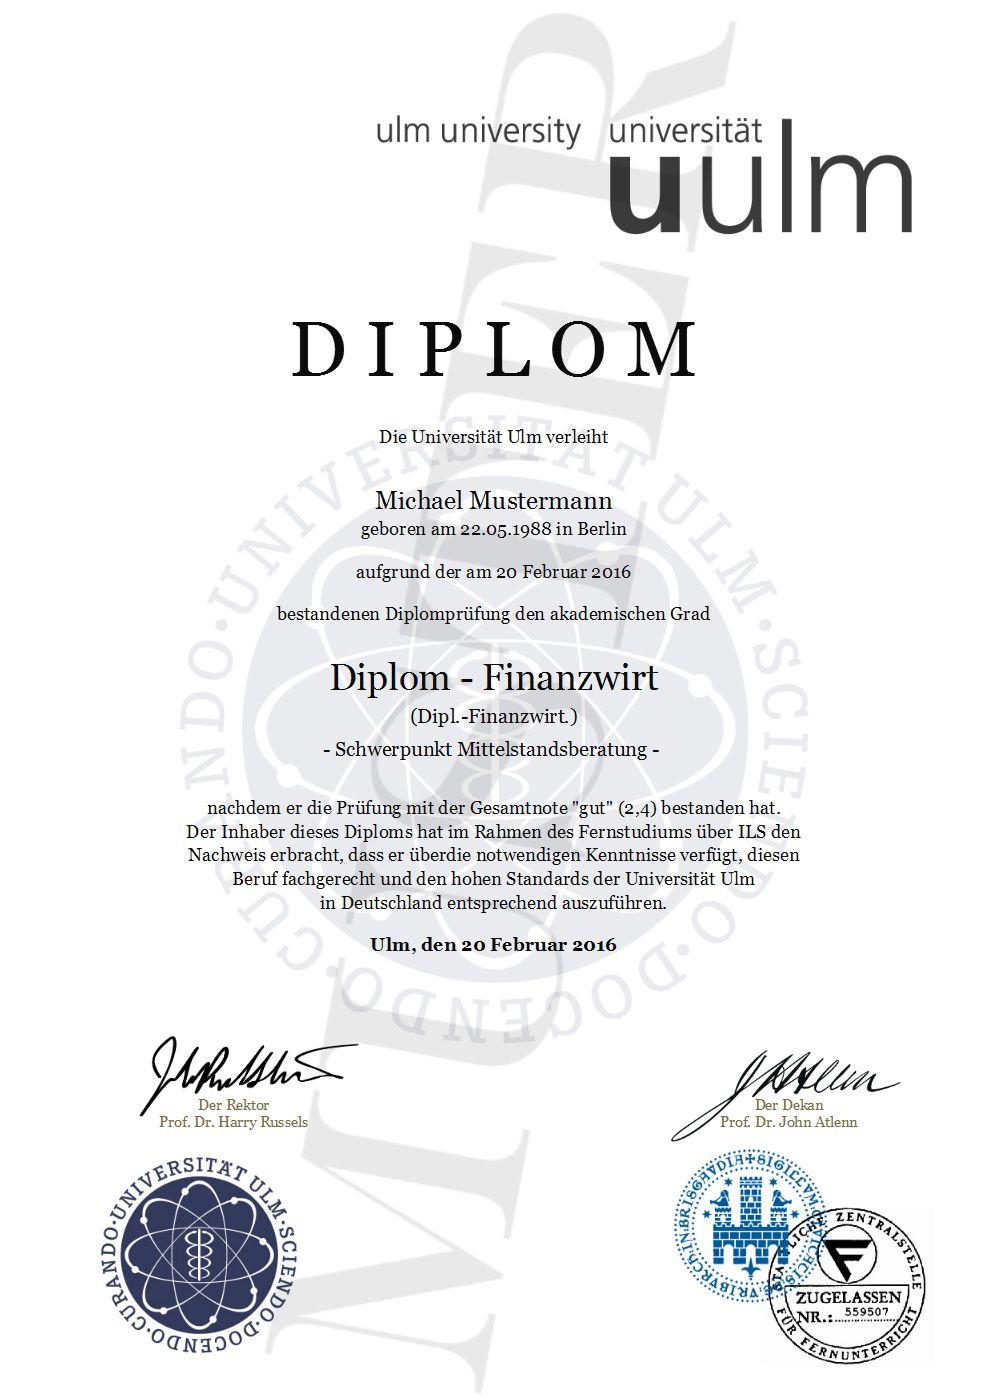 Diplom Urkunde online erstellen, gestalten und ausdrucken, Deutsche ...